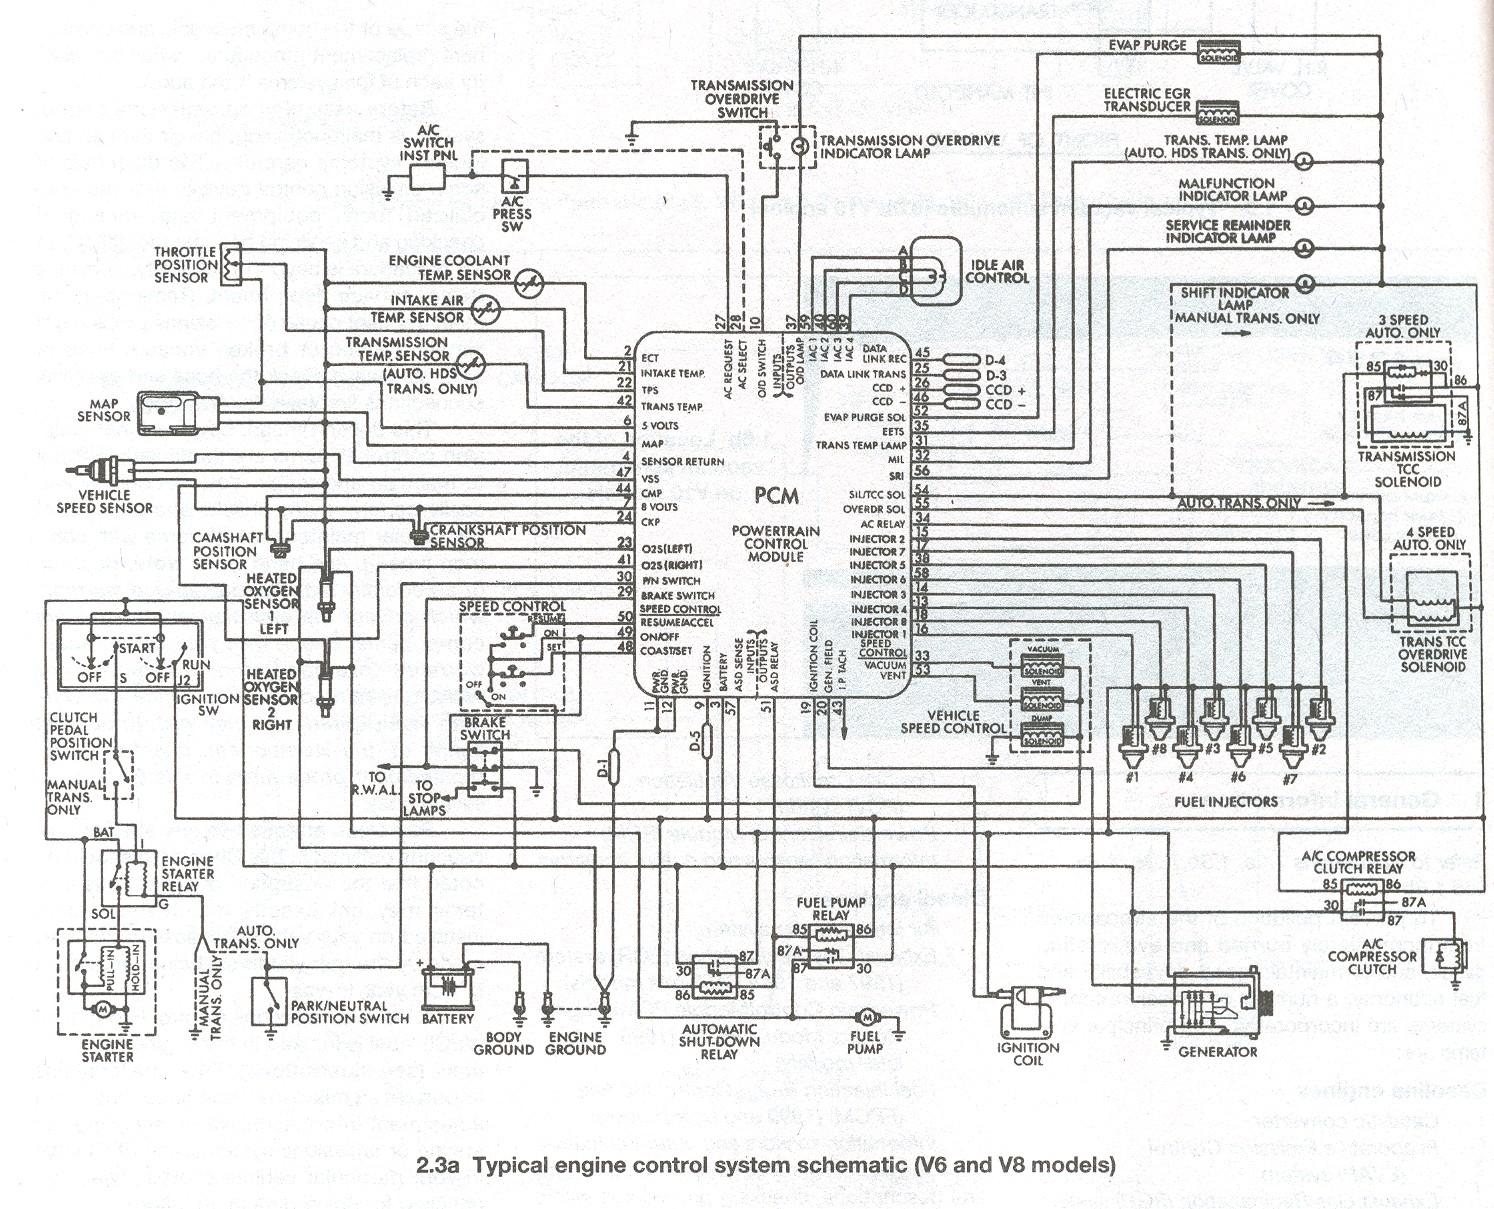 wiring diagram 1973 chrysler imperial wiring diagram 1956 chrysler wiring diagram